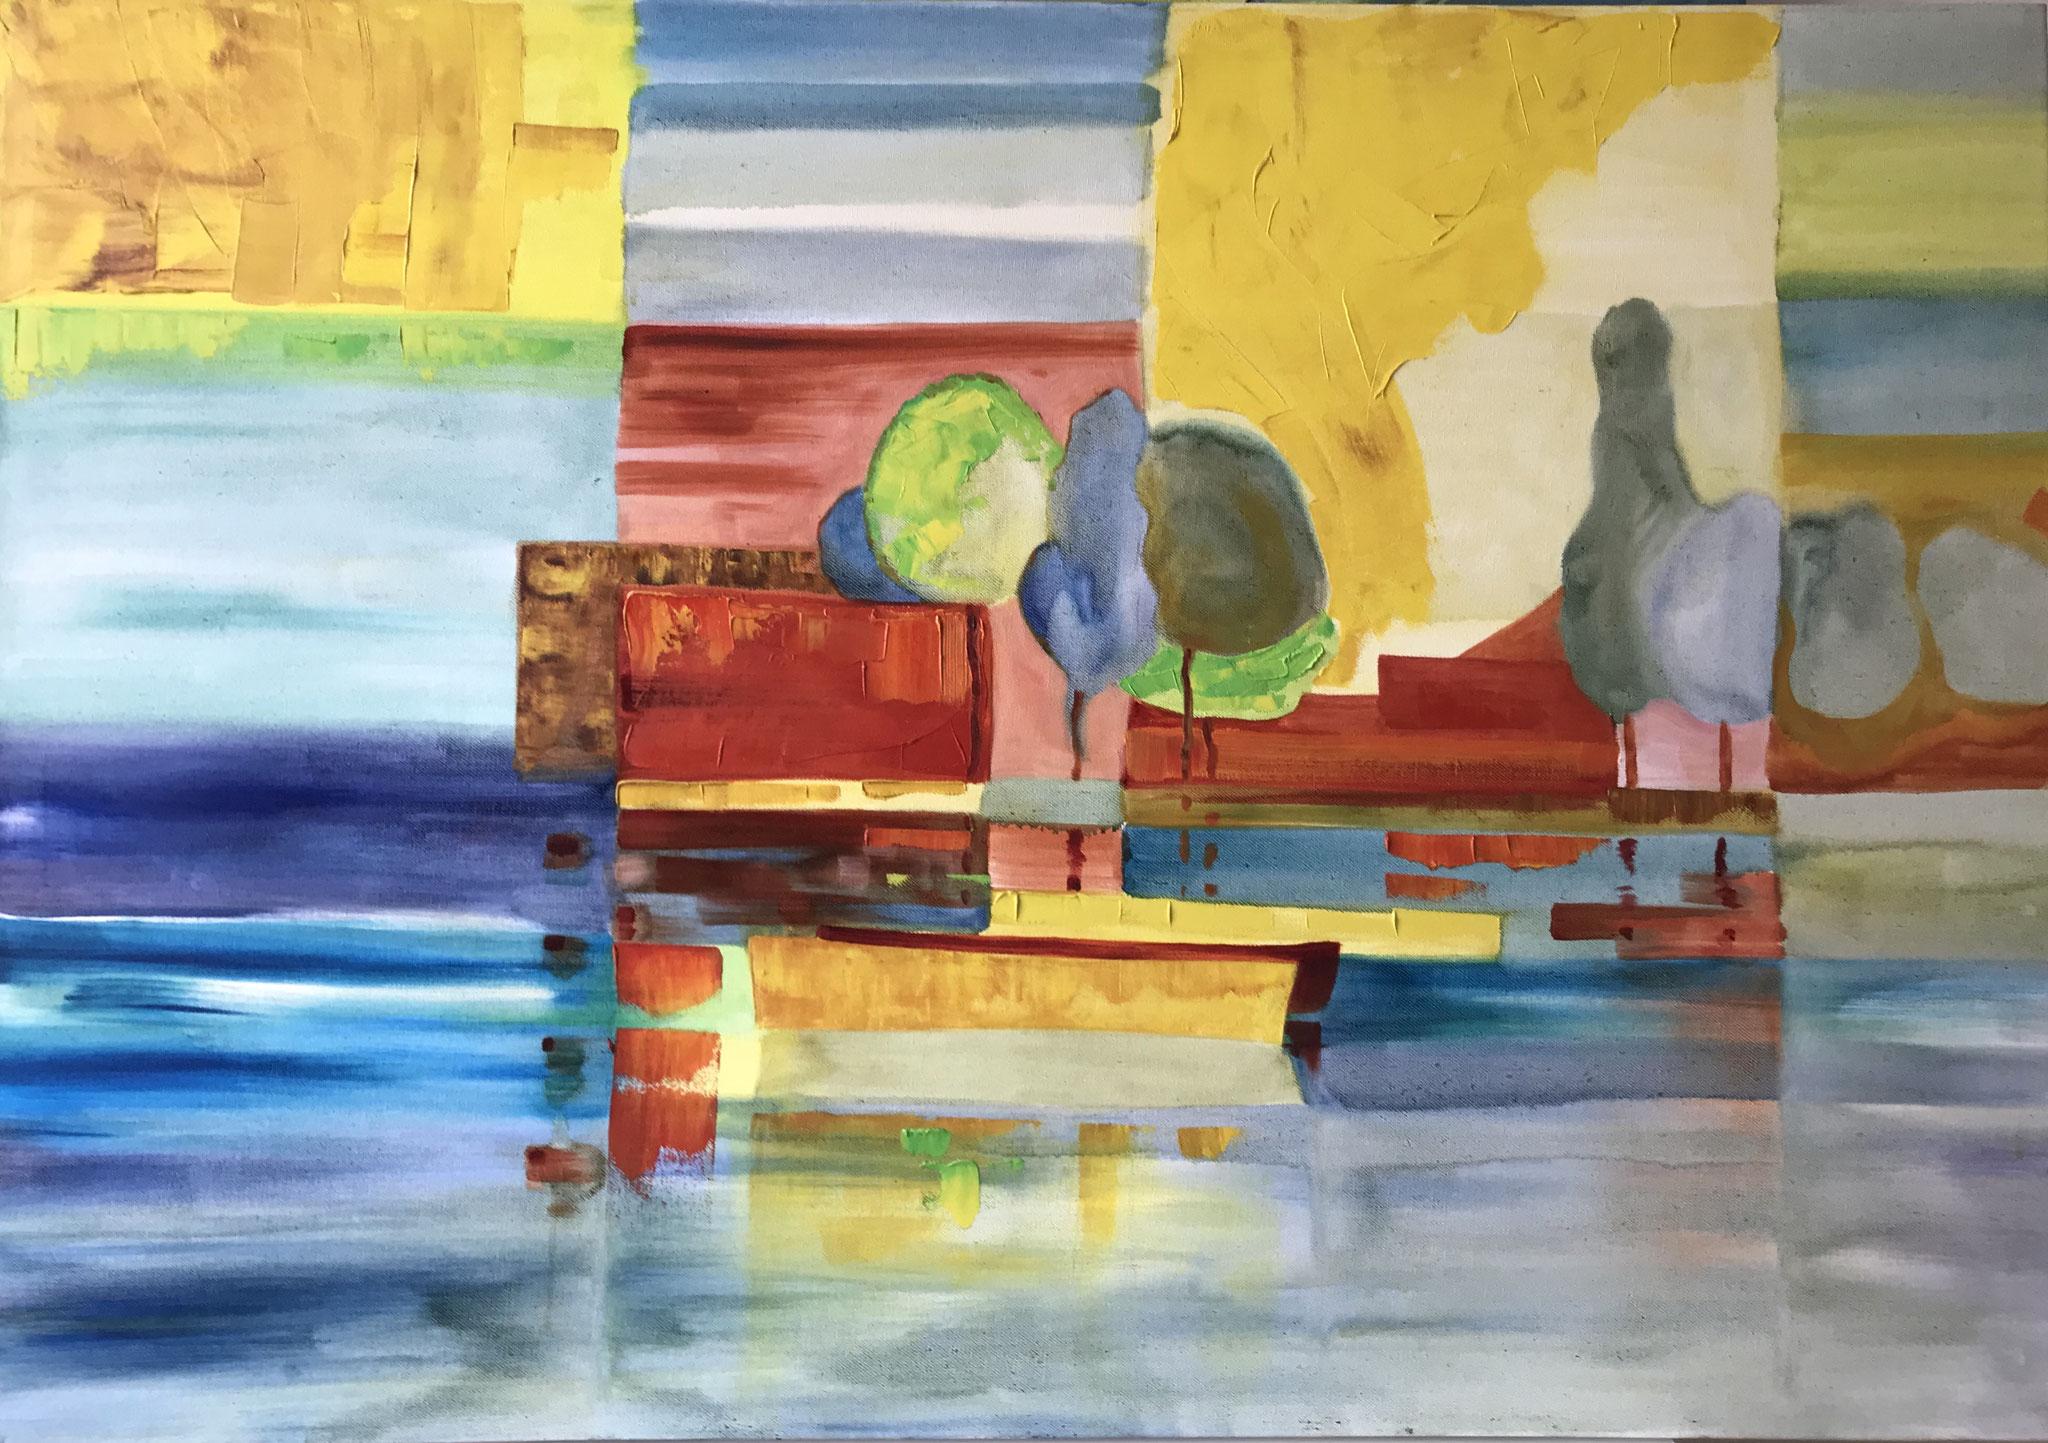 Boote am Steg, Acryl auf Leinwand, 100 x 70 cm